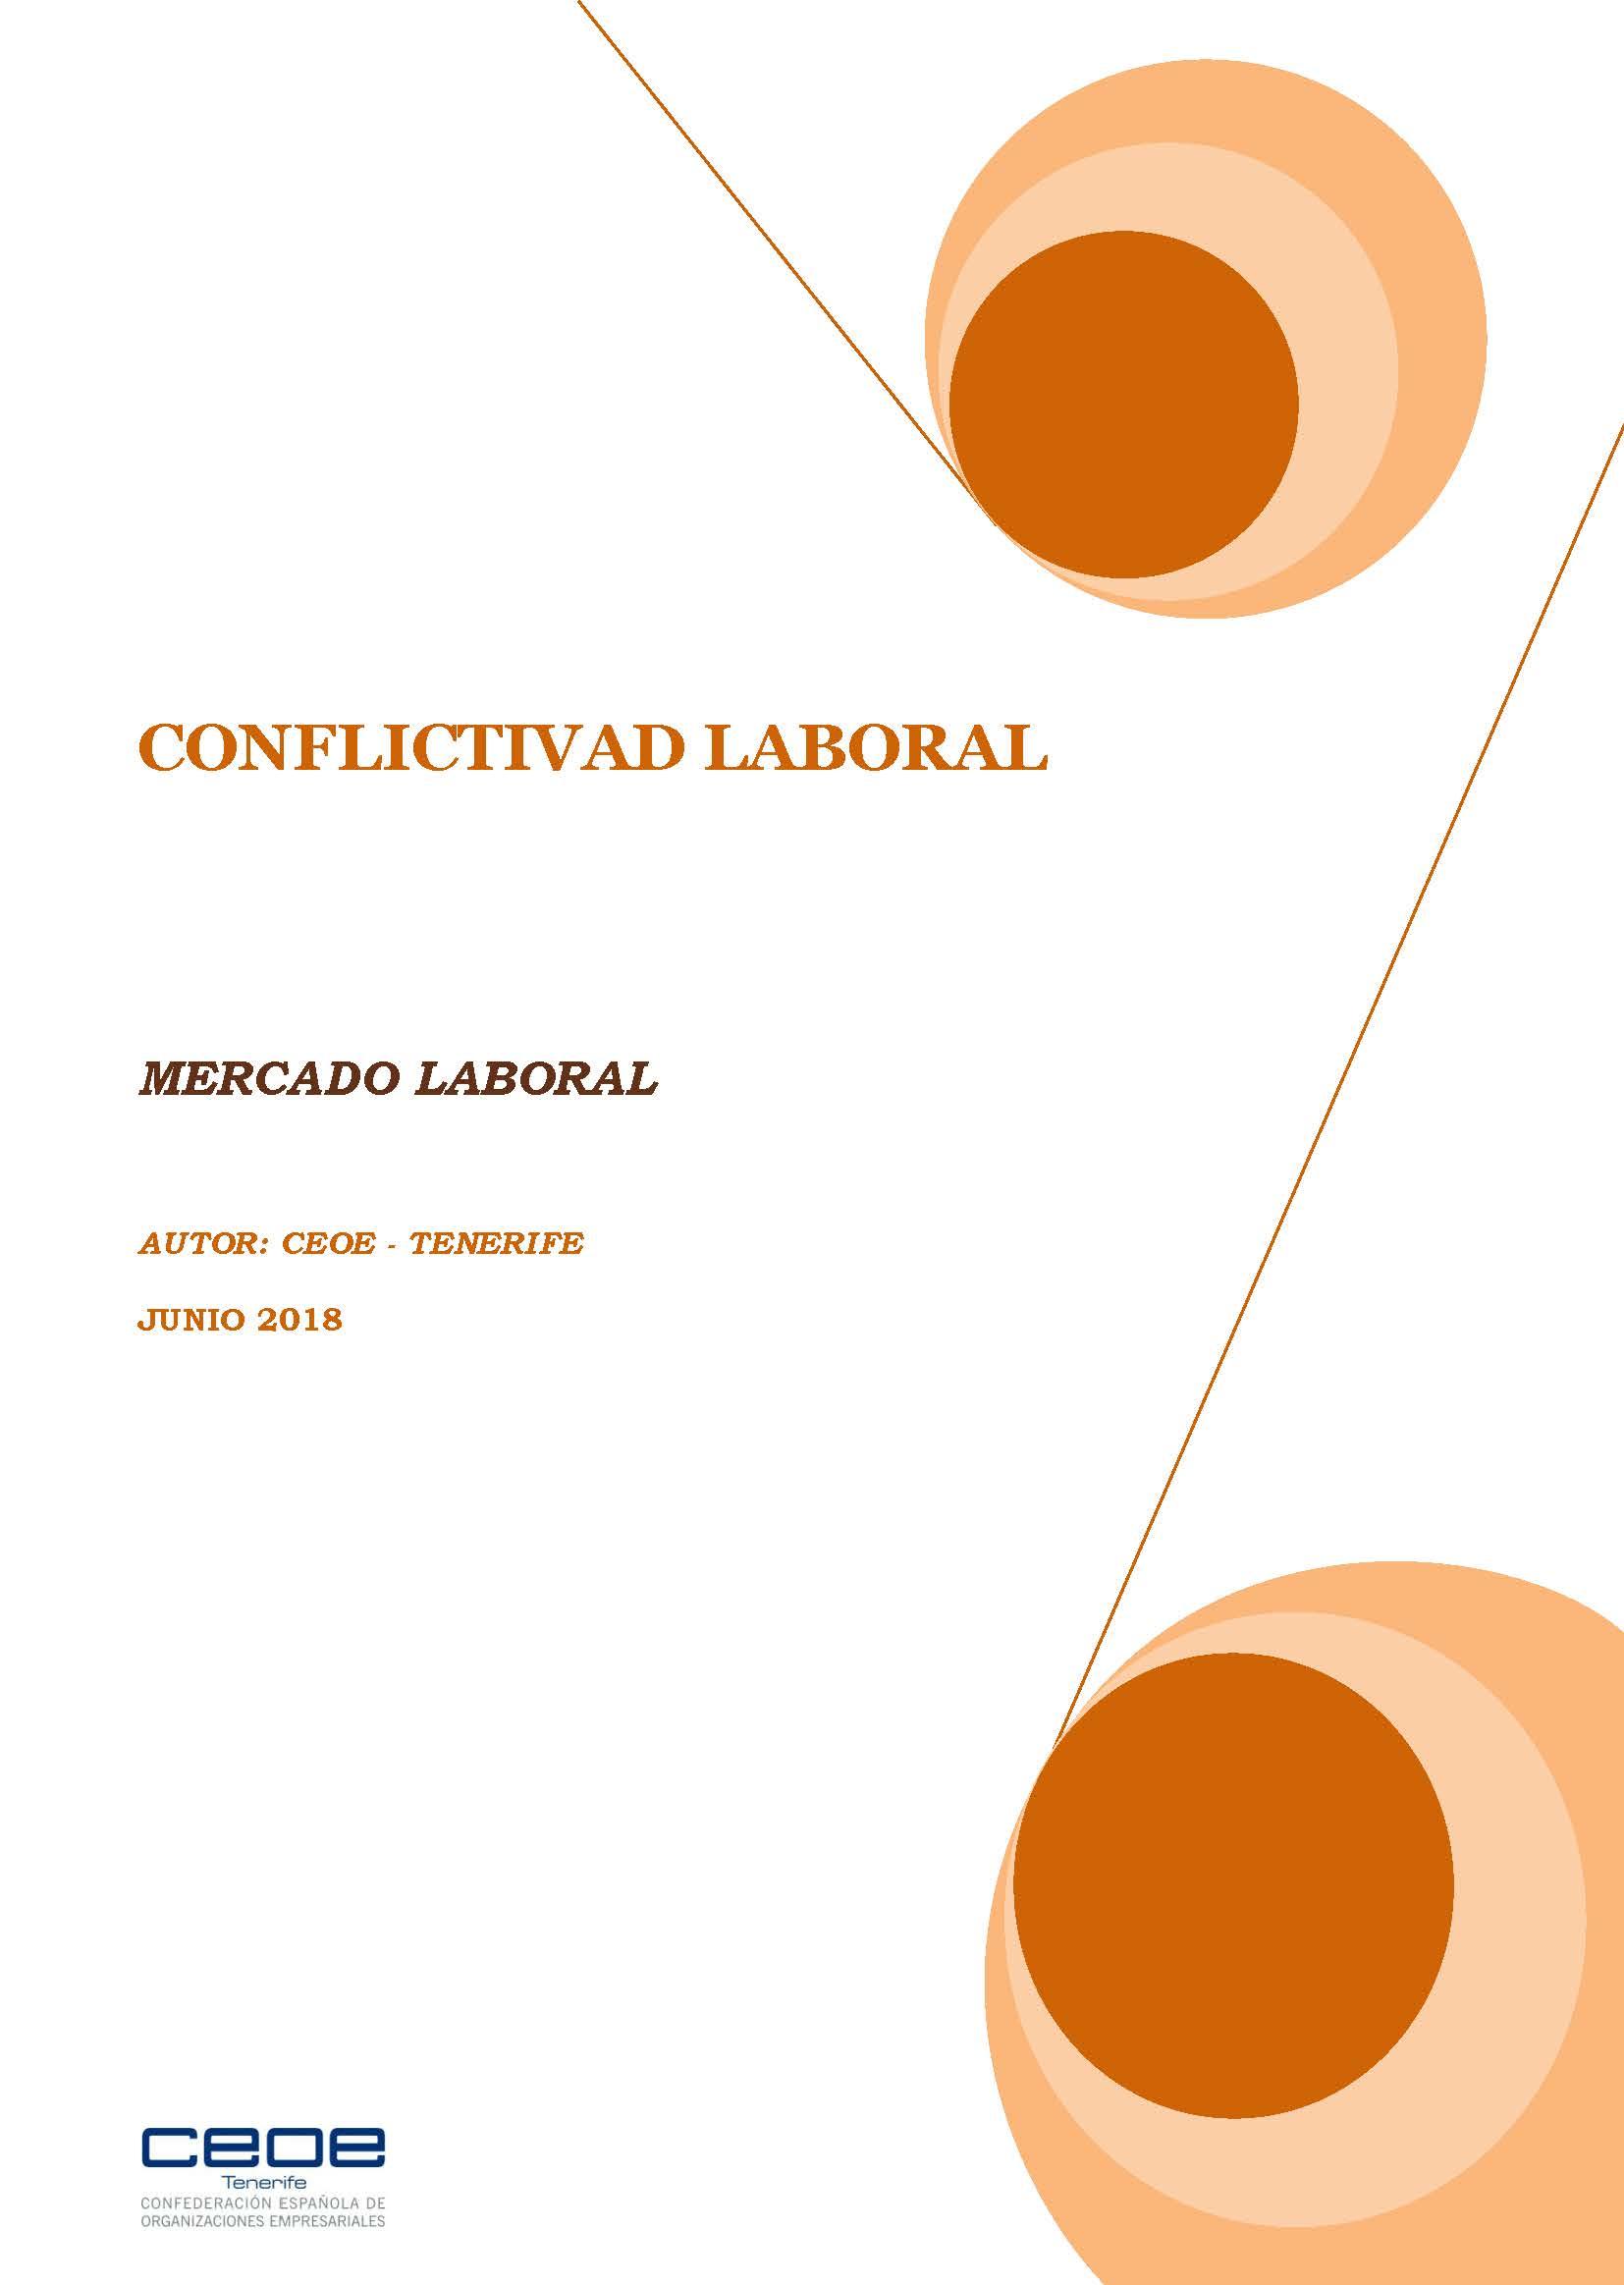 MERCADO LABORAL - CONFLICTIVIDAD LABORAL JUNIO 2018